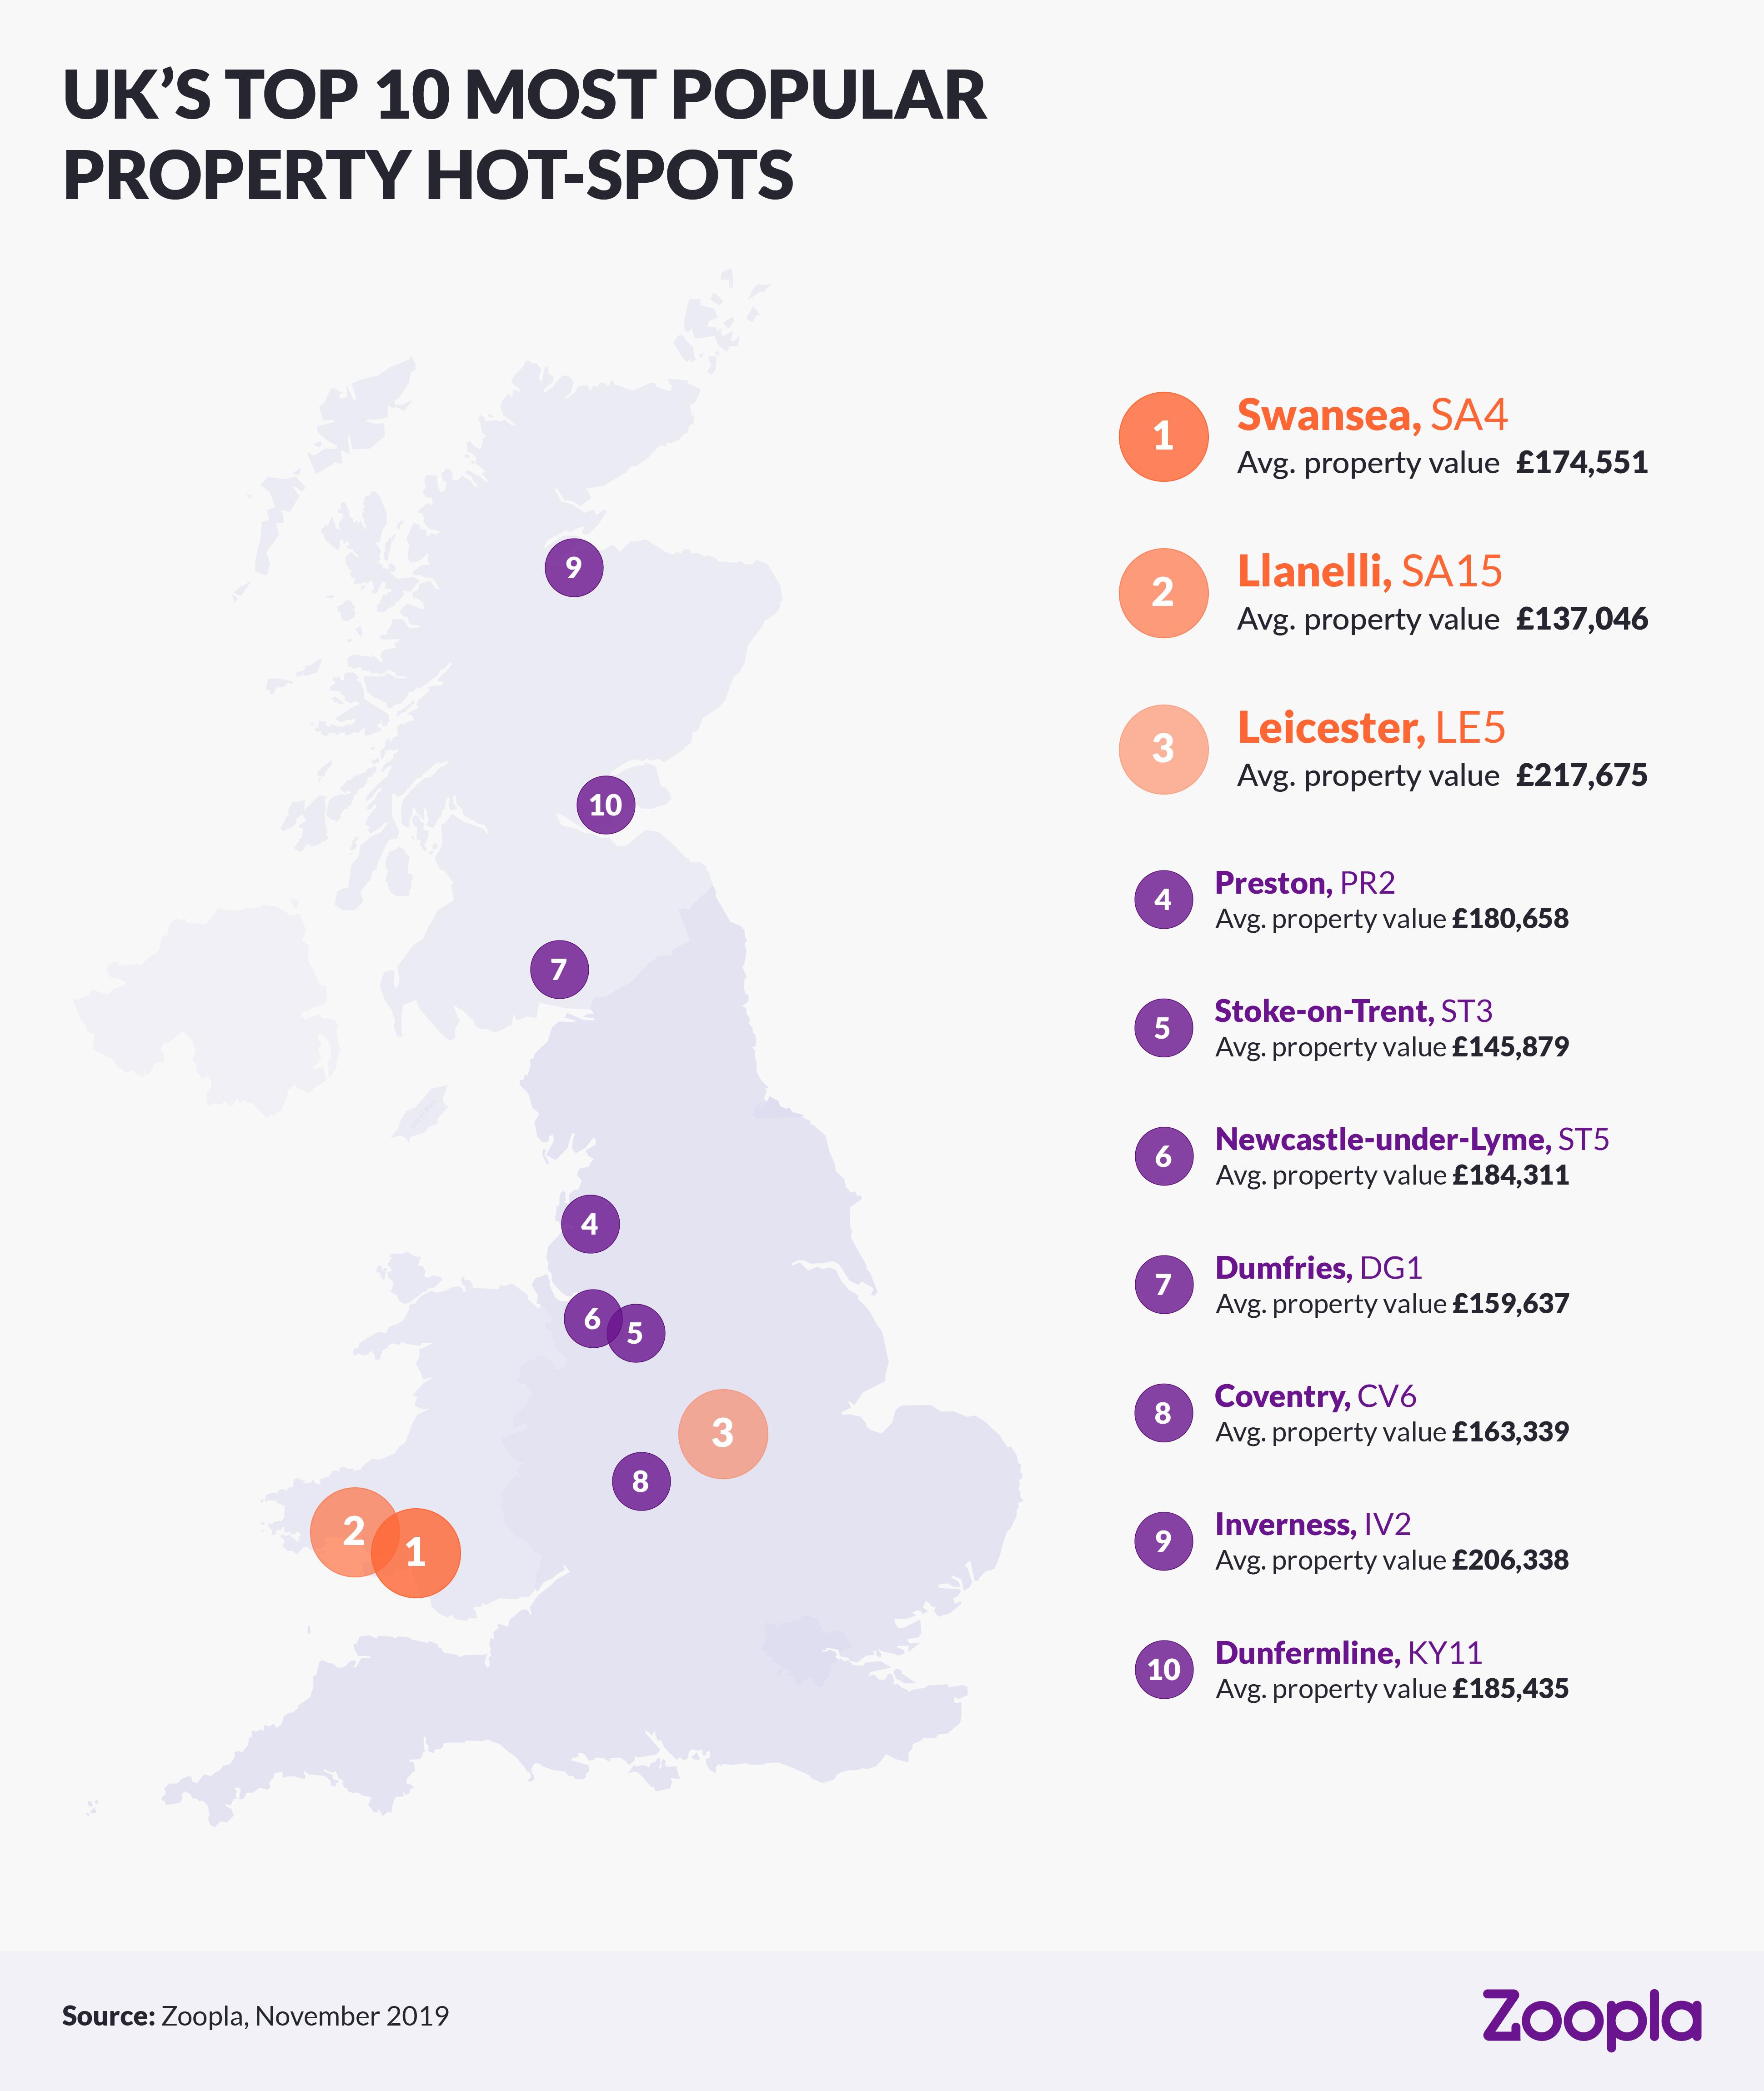 Uk's top 10 most popular property hot-spots